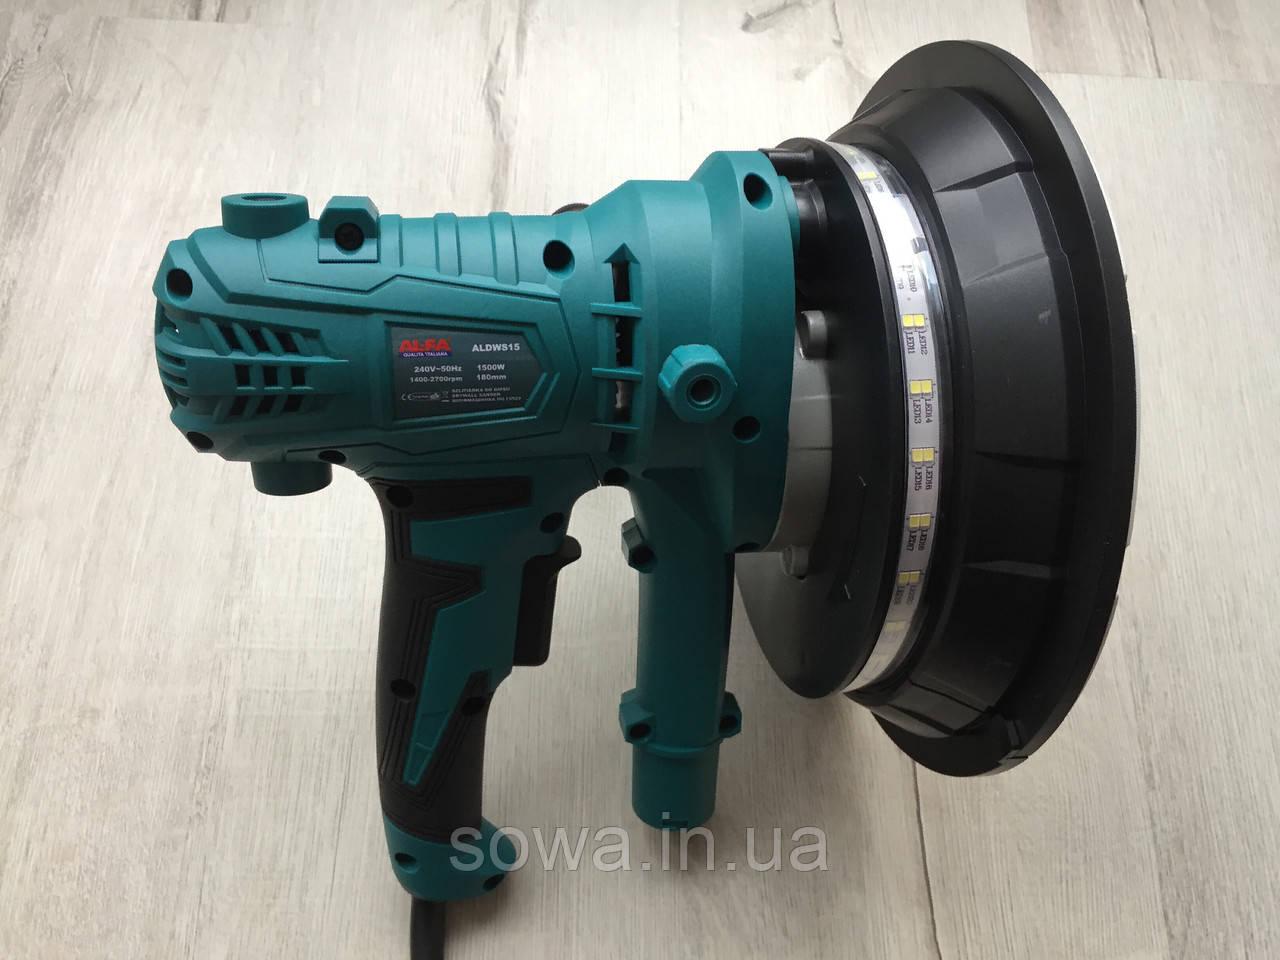 Шлифовальная машина по штукатурке AL-FA ALDWS15 с подсветкой - фото 5